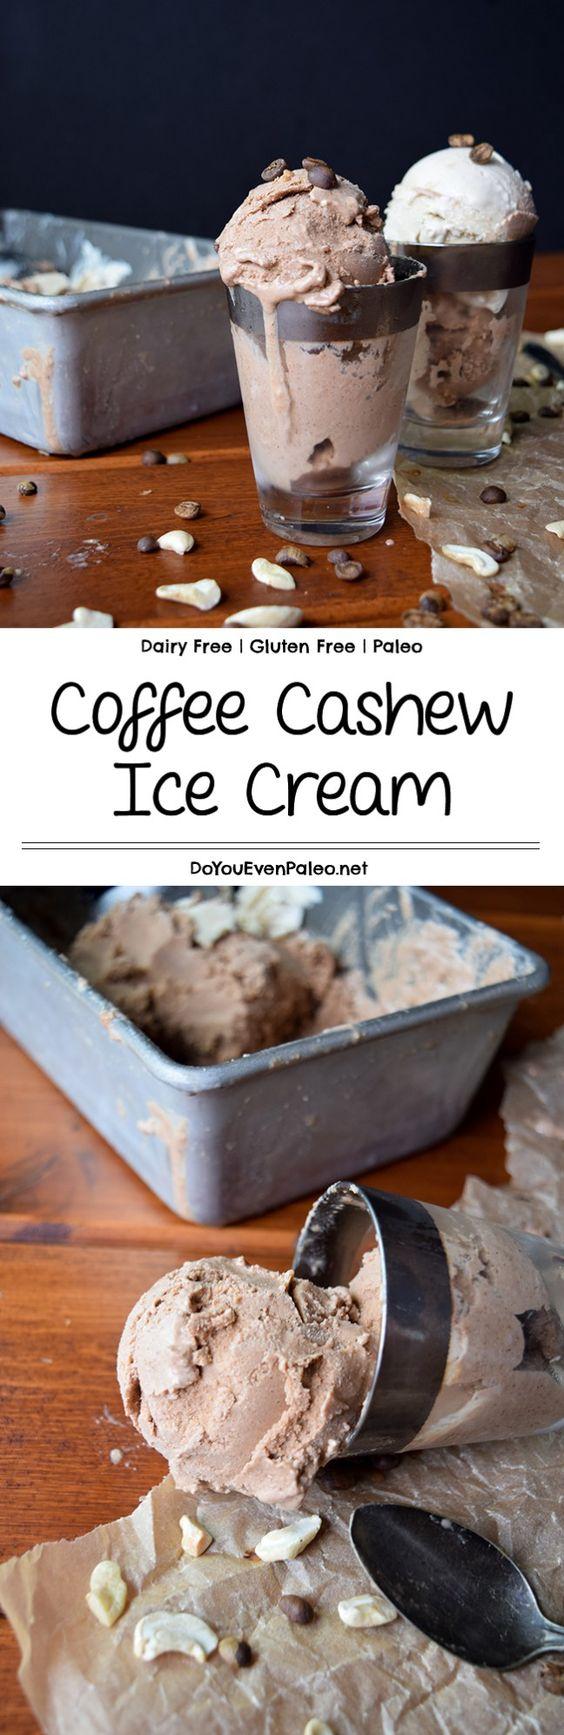 how to make cashew ice cream